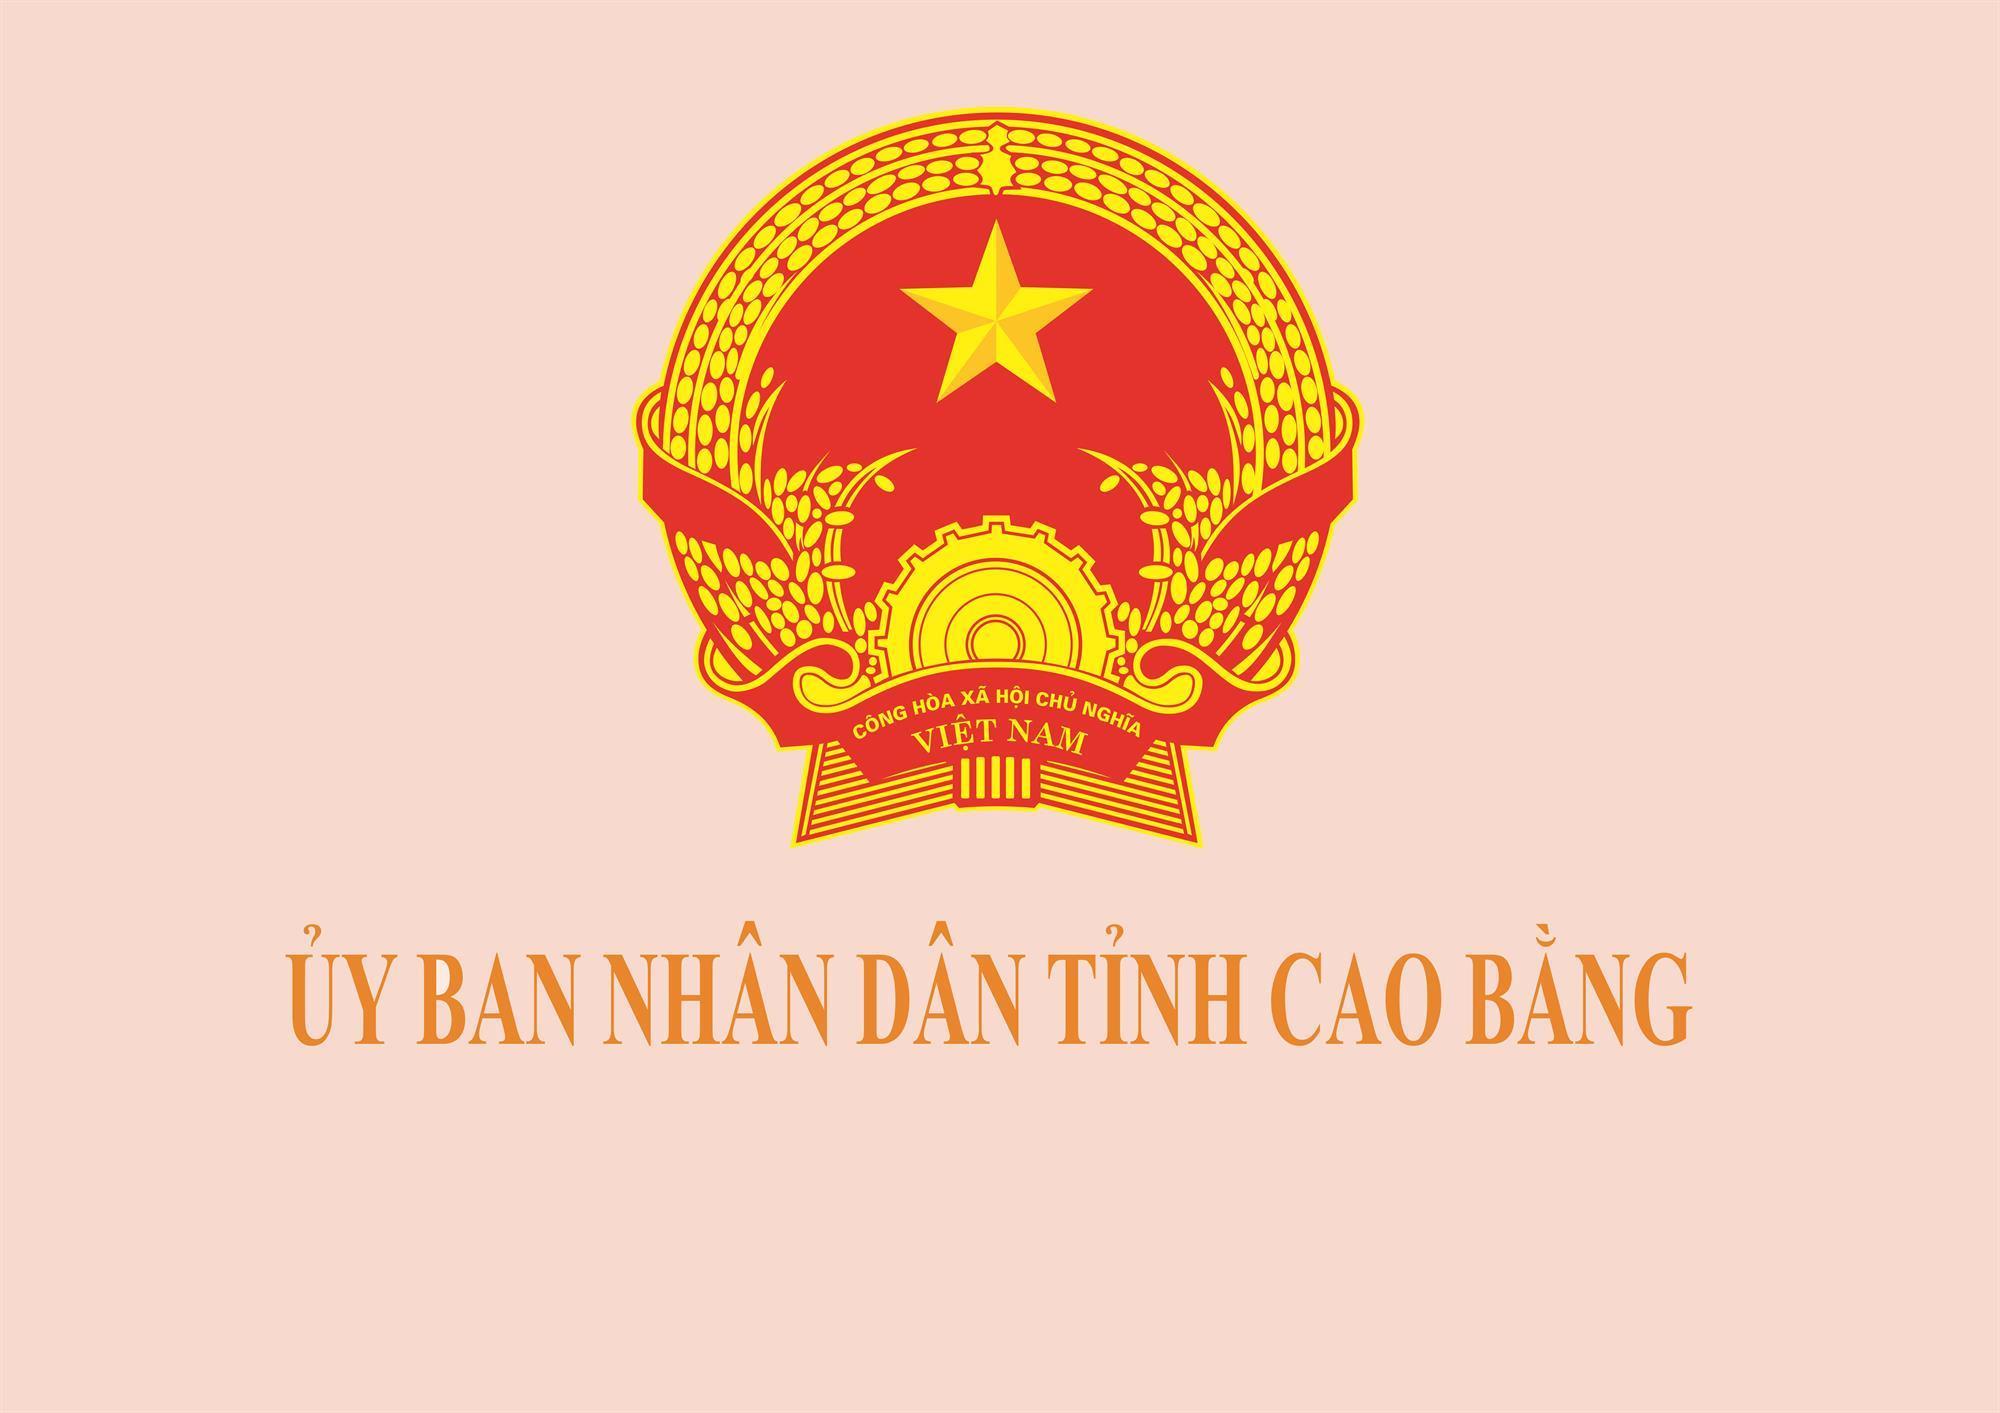 UBND tỉnh Cao Bằng chỉ đạo thực hiện một số biện pháp phòng, chống dịch theo Sổ tay Hướng dẫn của Bộ Y tế